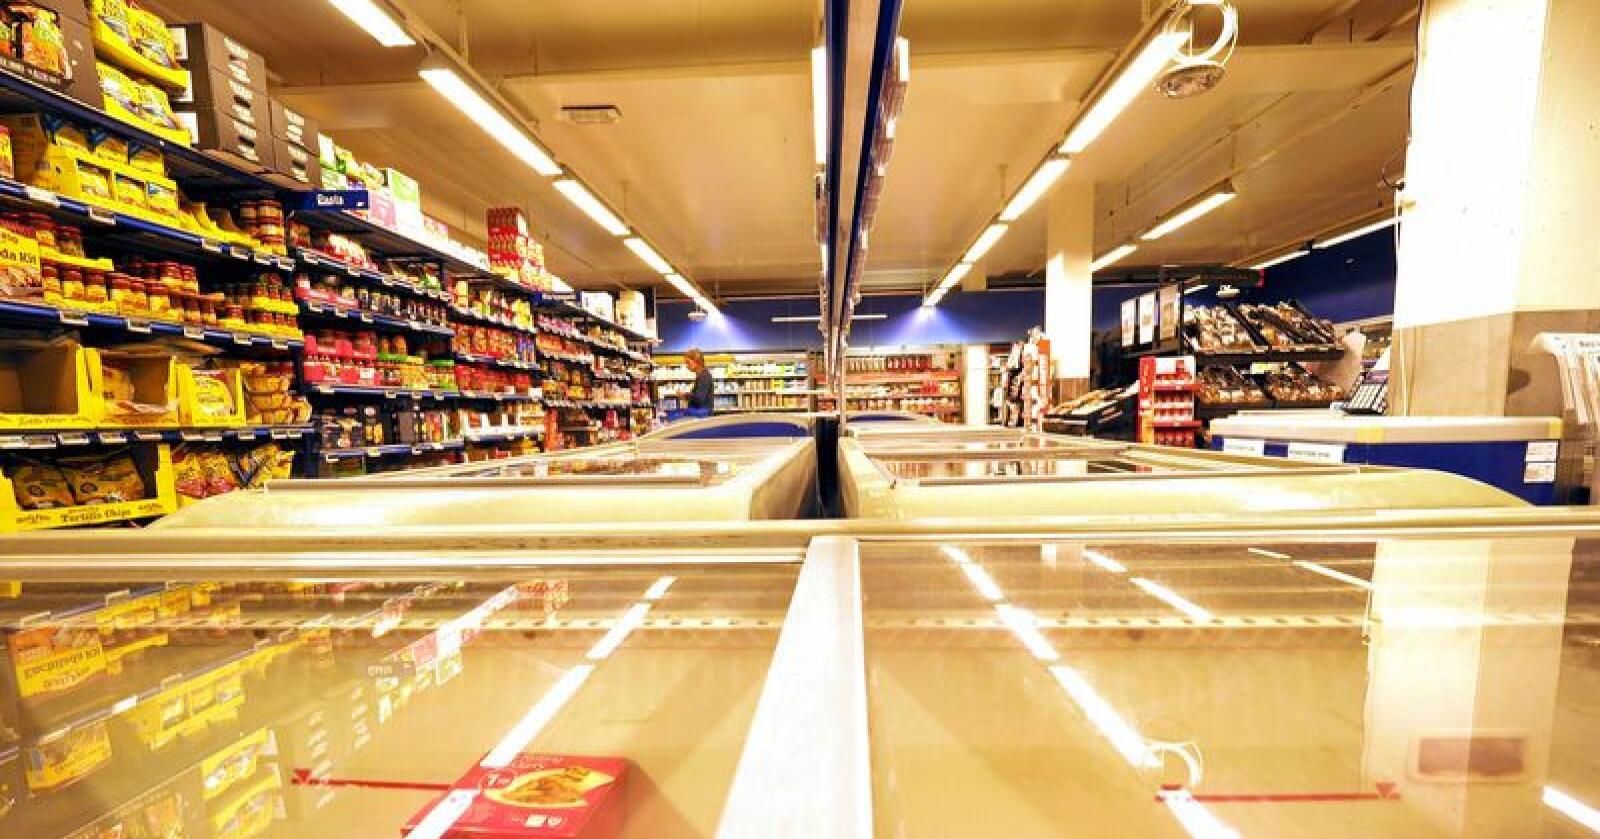 Hylleplassering, markedsføring og innkjøpspriser er bare noe av det leverandører og dagligvarekjeder forhandler om. Nå skal forhandlingene reguleres i en lov om god handelsskikk. Foto: Siri Juell Rasmussen